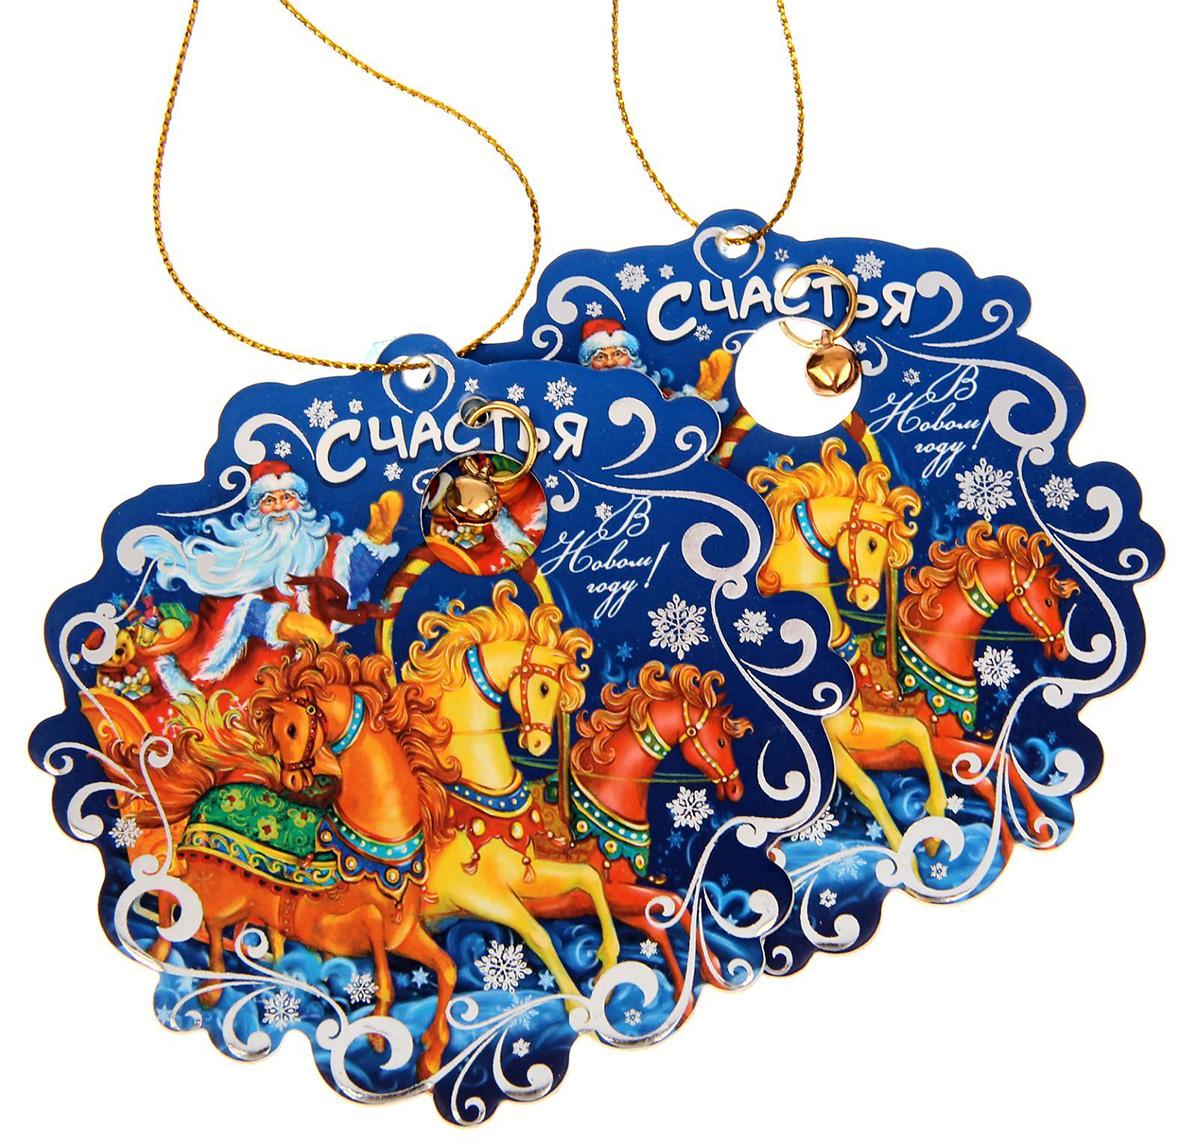 Новогоднее подвесное украшение Sima-land Счастья в Новом году, 9,3 х 9 см, 2 шт1305173Новогоднее украшение Sima-land отлично подойдет для декорации вашего дома и новогодней ели.Елочная игрушка - символ Нового года. Она несет в себе волшебство и красоту праздника. Такое украшение создаст в вашем доме атмосферу праздника, веселья и радости.